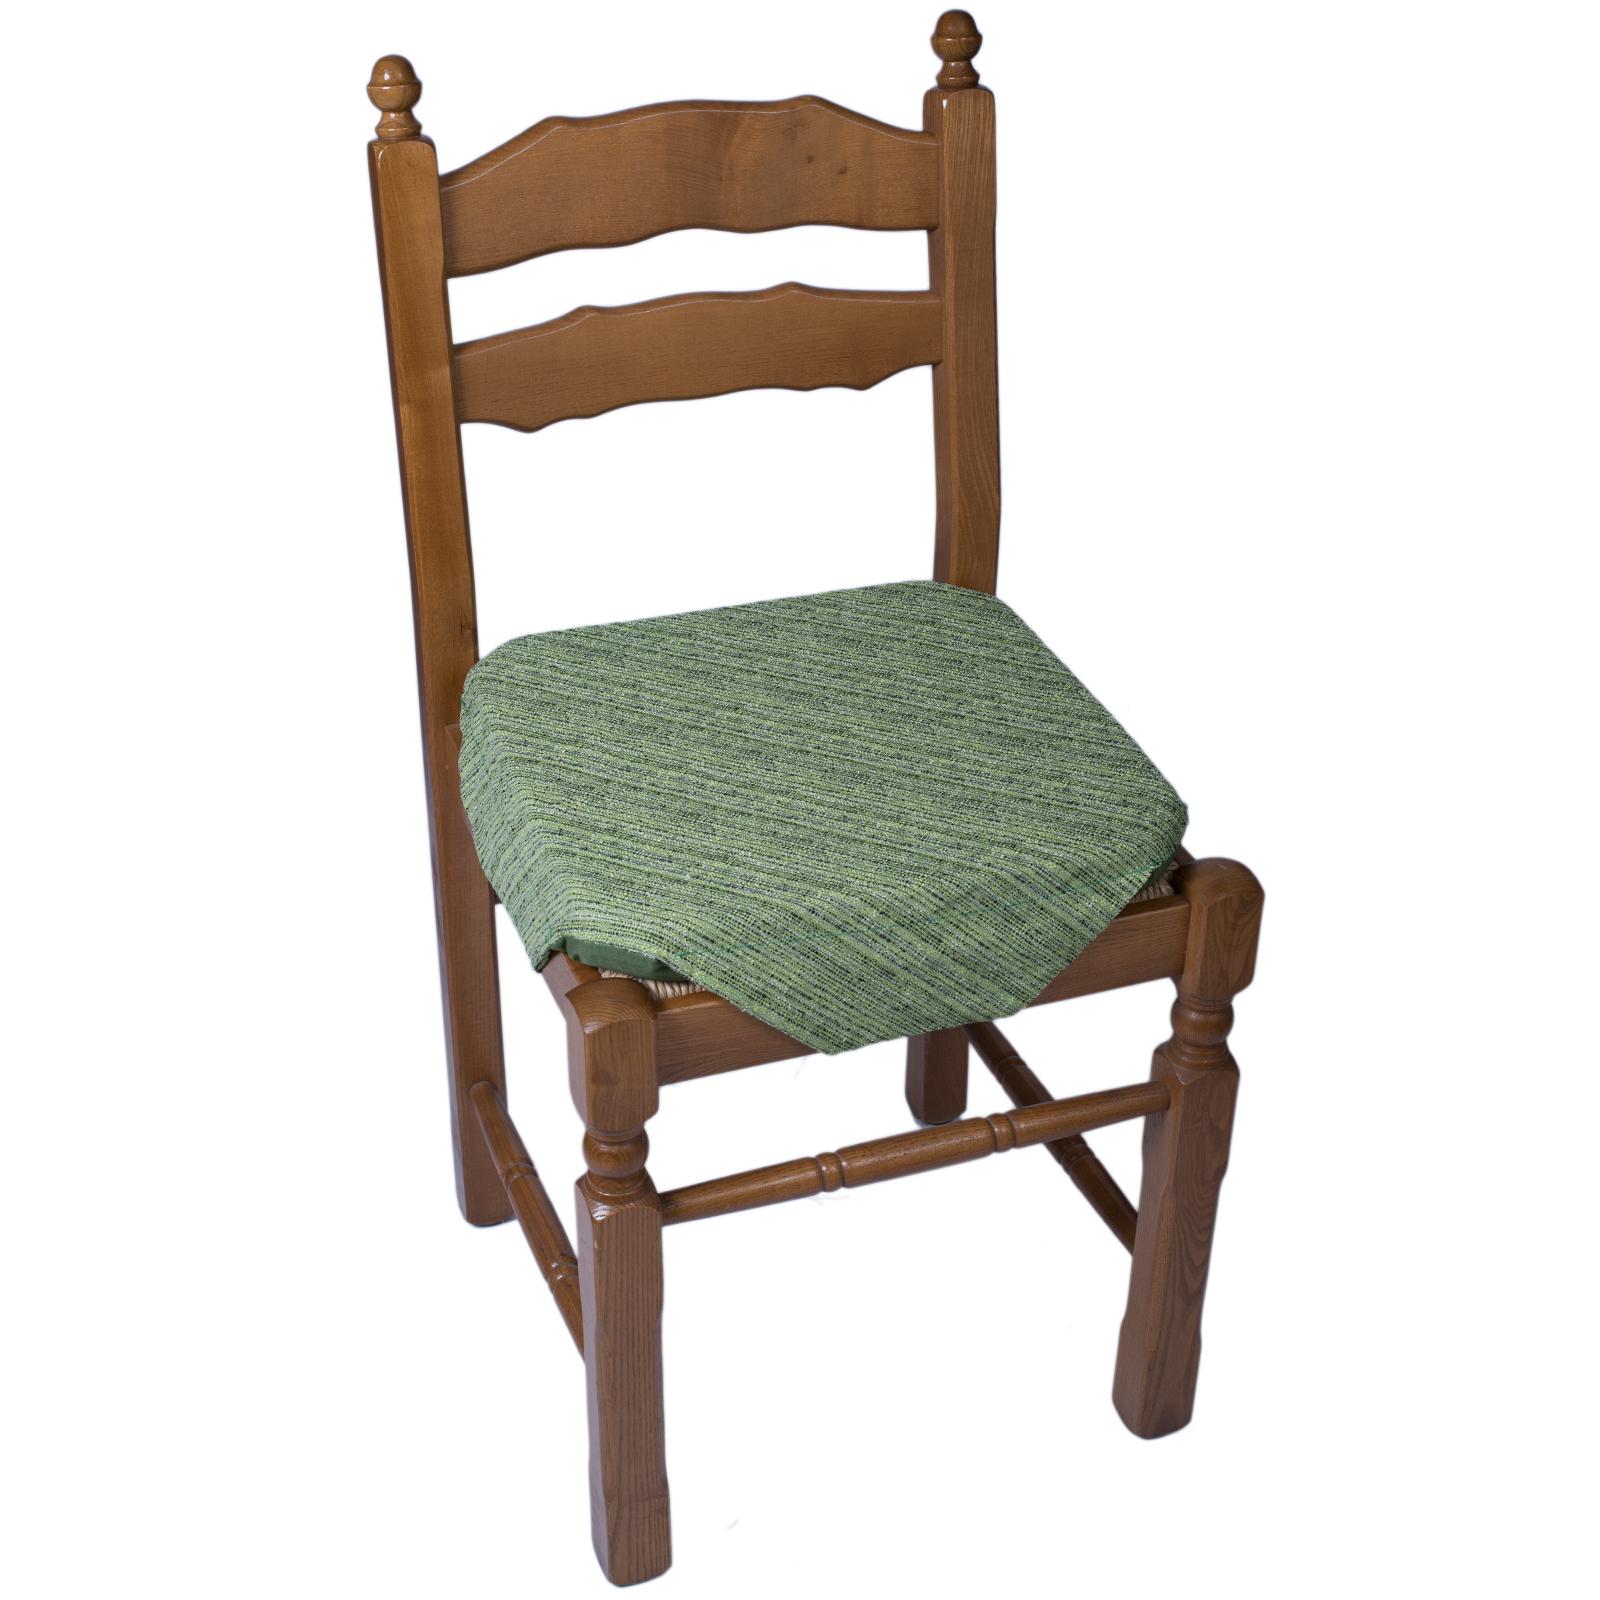 Cuscino sedia alette melange verde cose di casa un for Sedia a dondolo verde